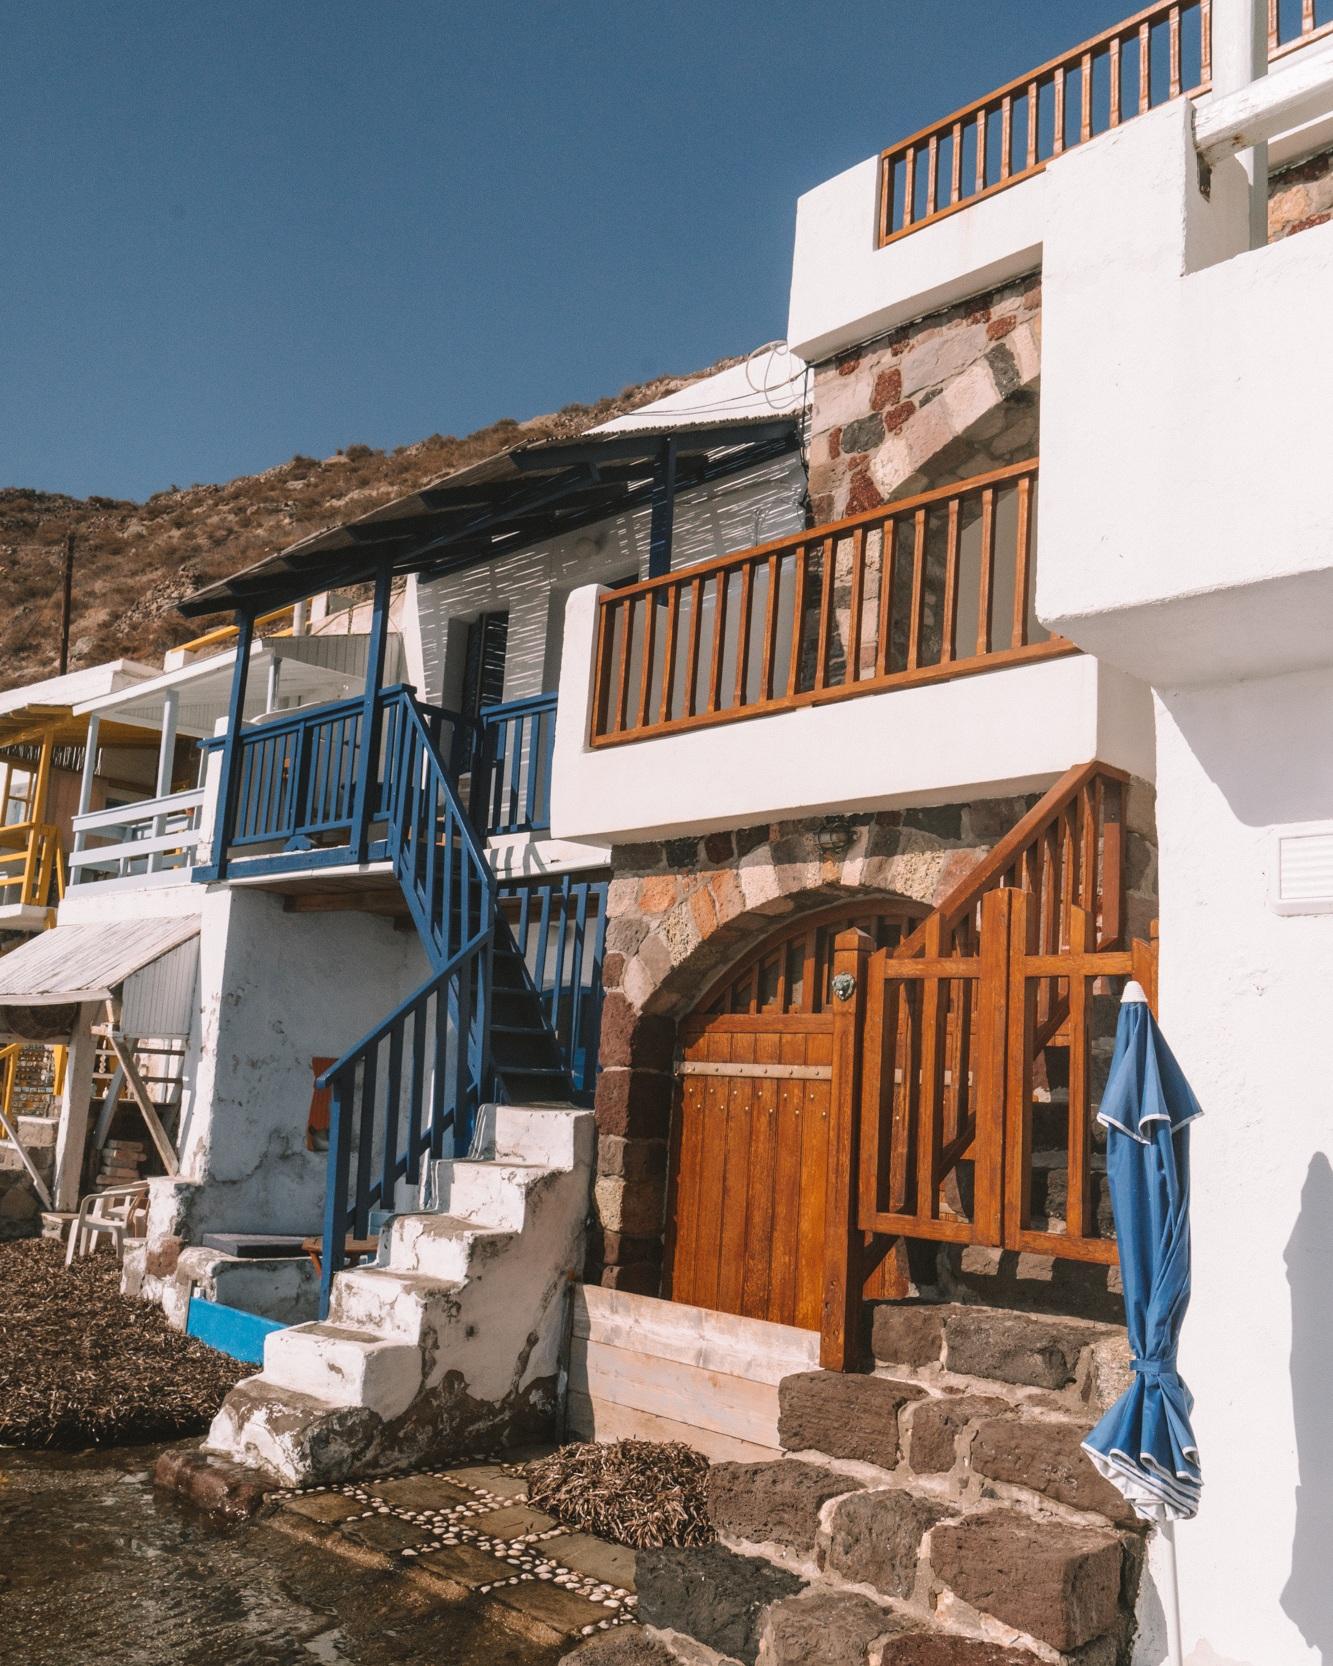 KLIMA+FISHING+VILLAGE+Milos+Greece